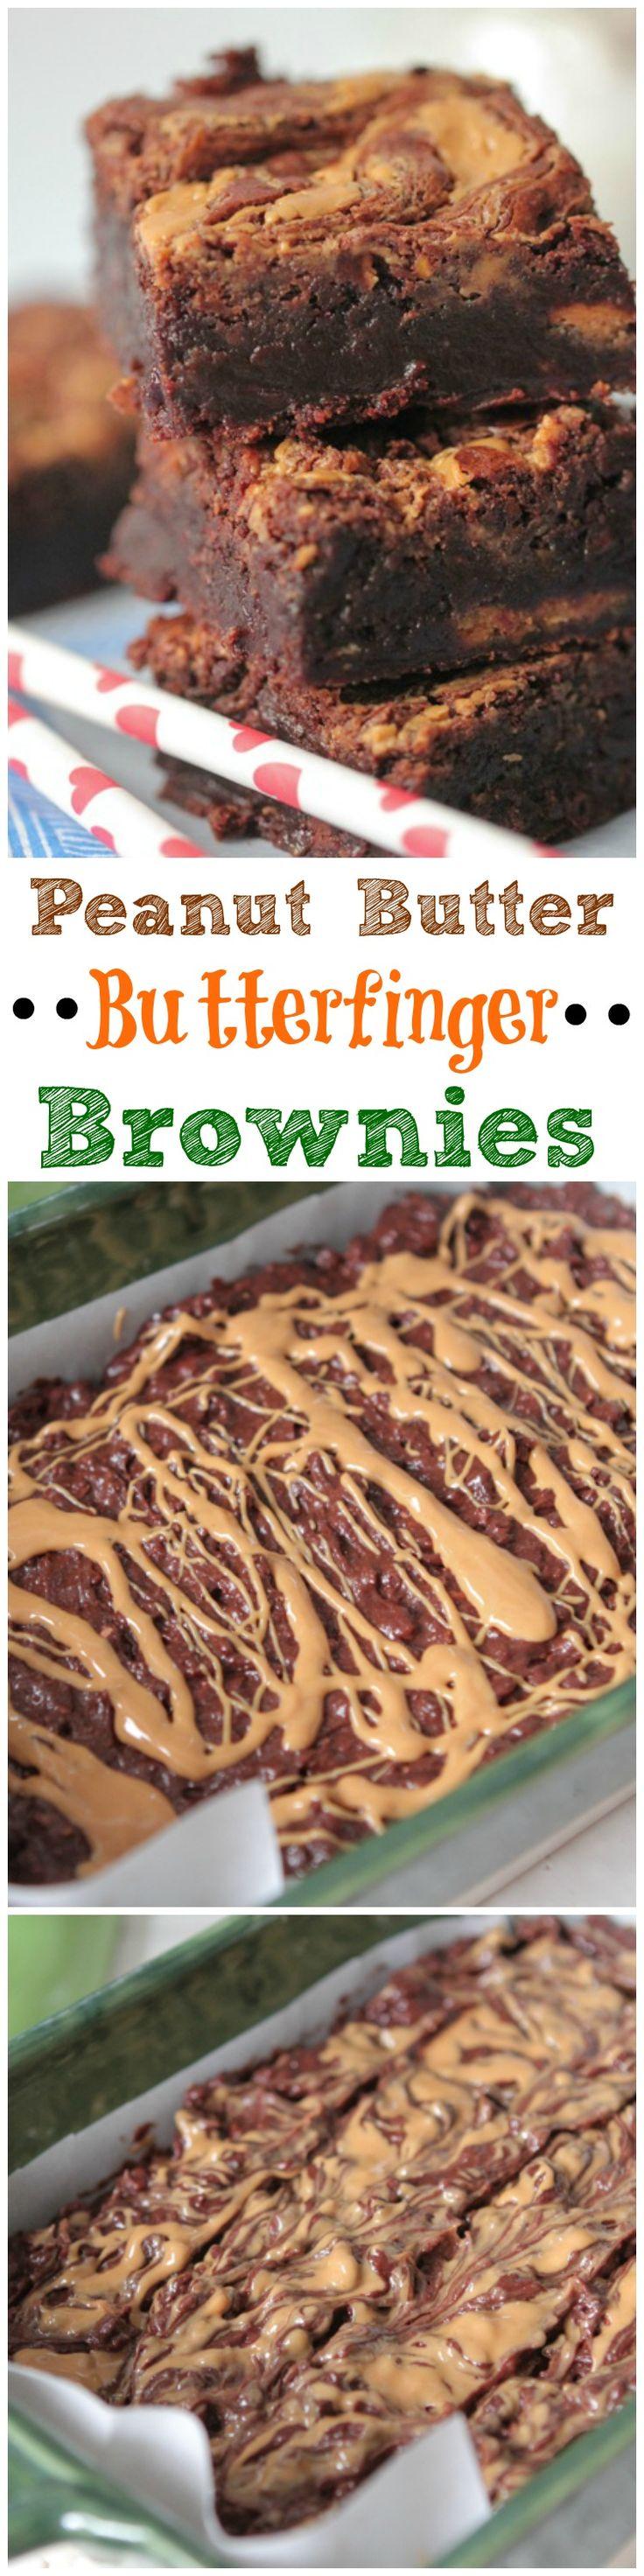 Peanut Butter Butterfinger Brownies!  #peanutbutter #brownies #recipe